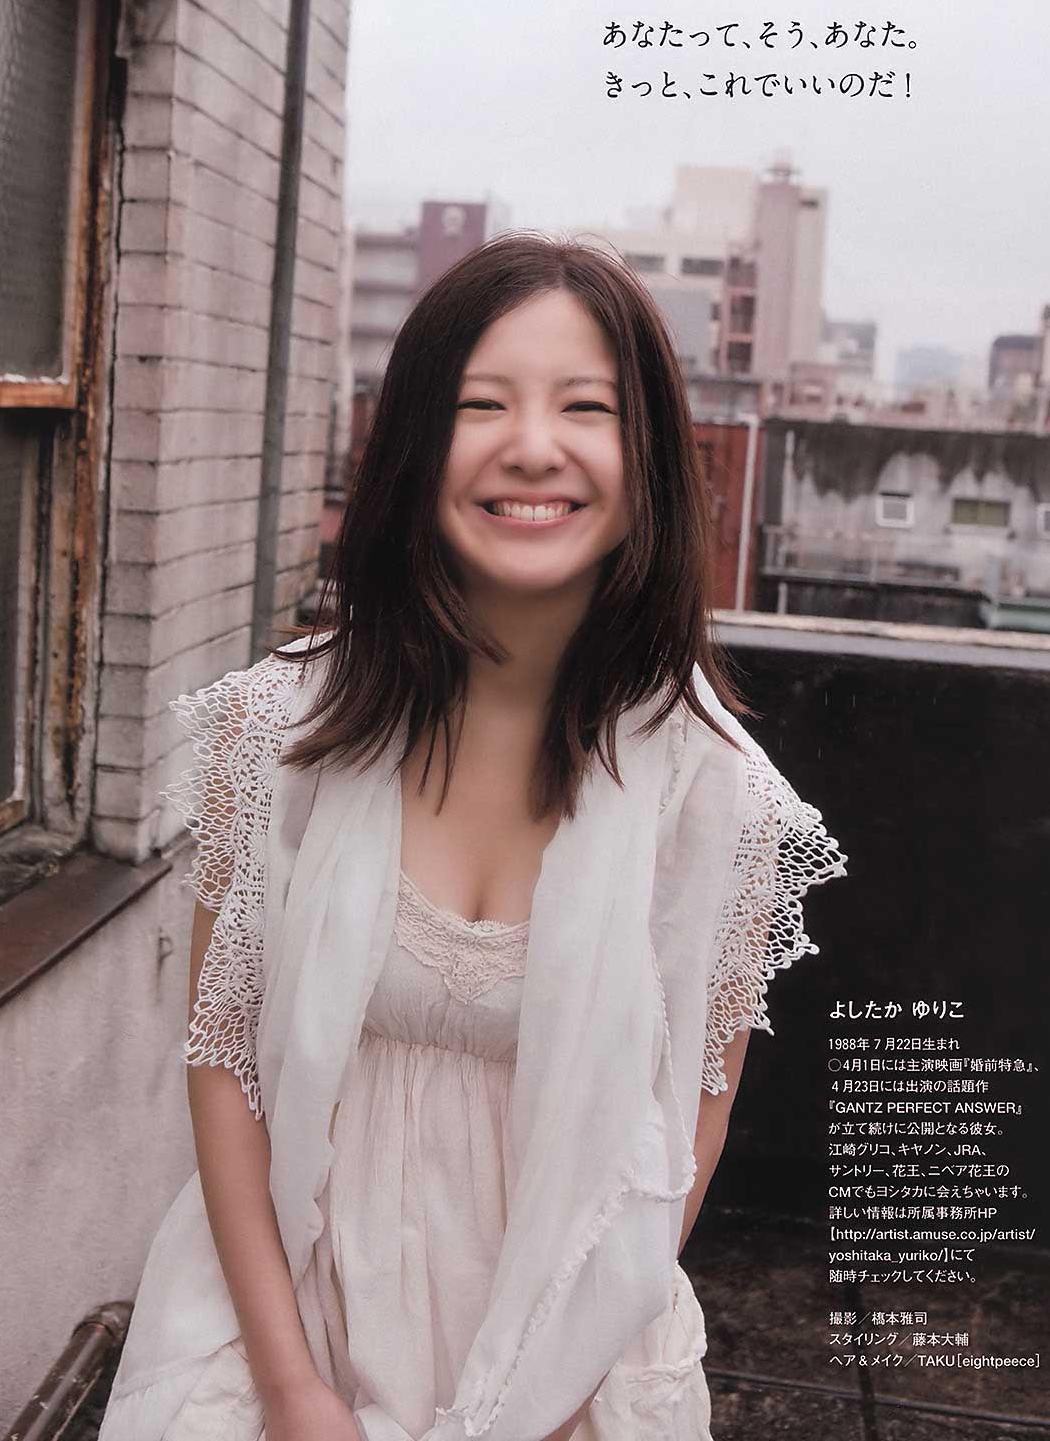 吉高由里子モロにマンスジやハミマンエロGIF画像